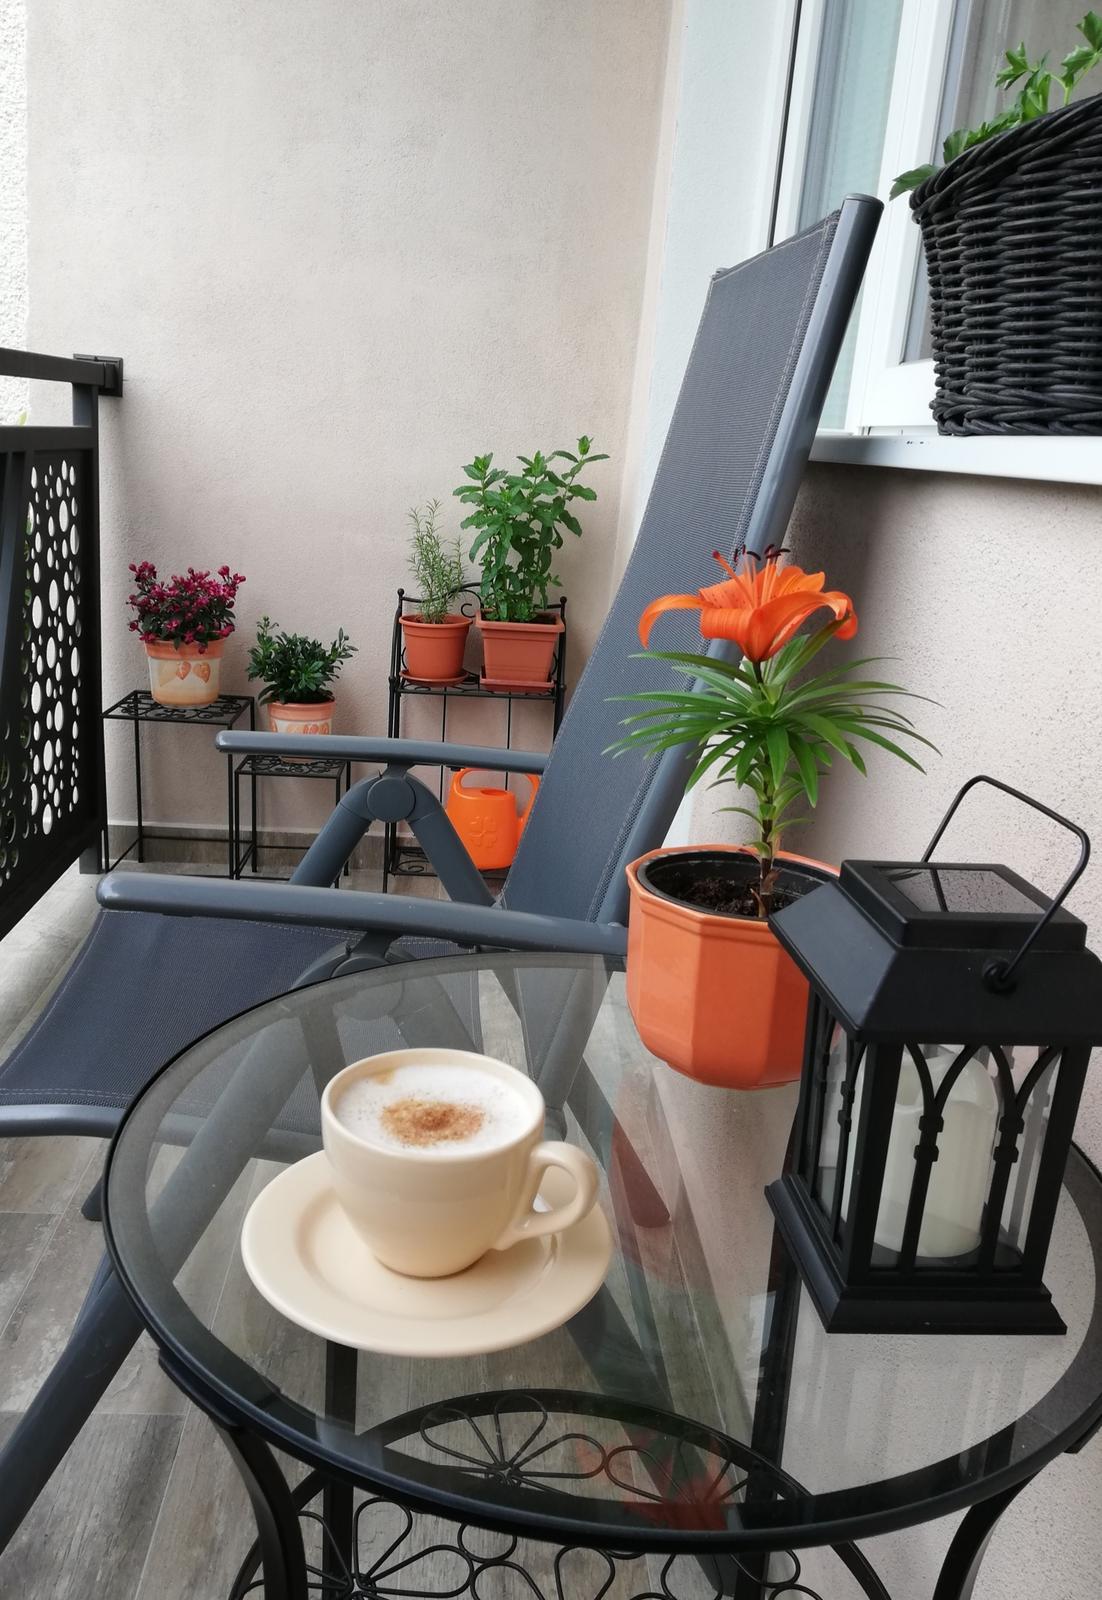 Projekt: Nové bývanie ... - ... kávičkovanie